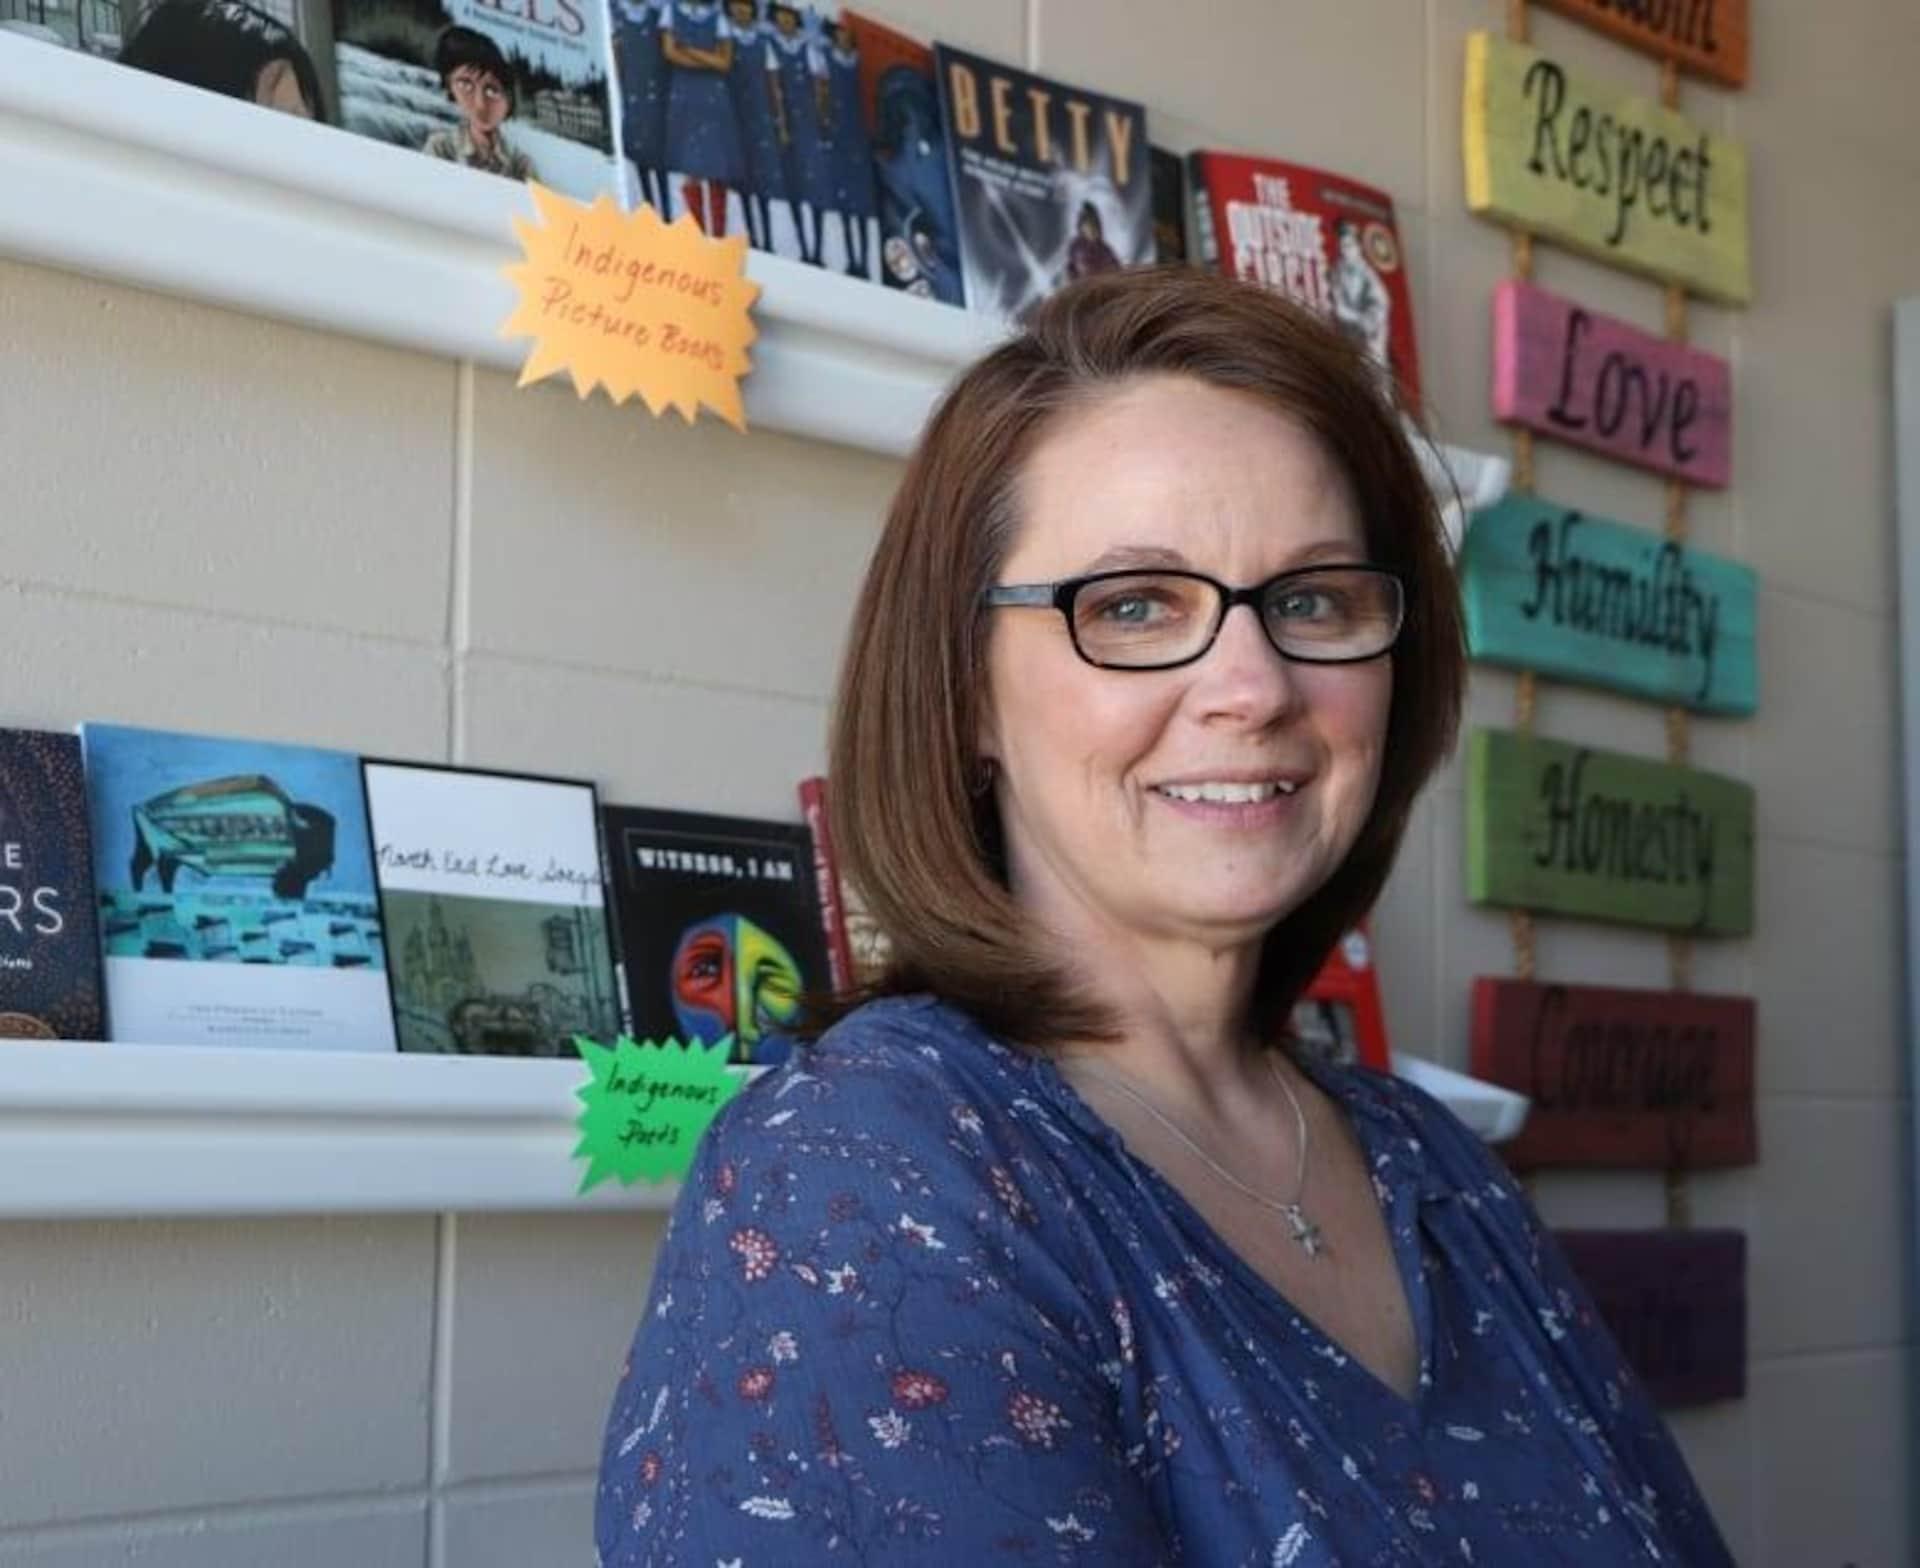 L'enseignante Jennifer Roy regarde la caméra en souriant. Derrière elle, des livres en langue anglaise.